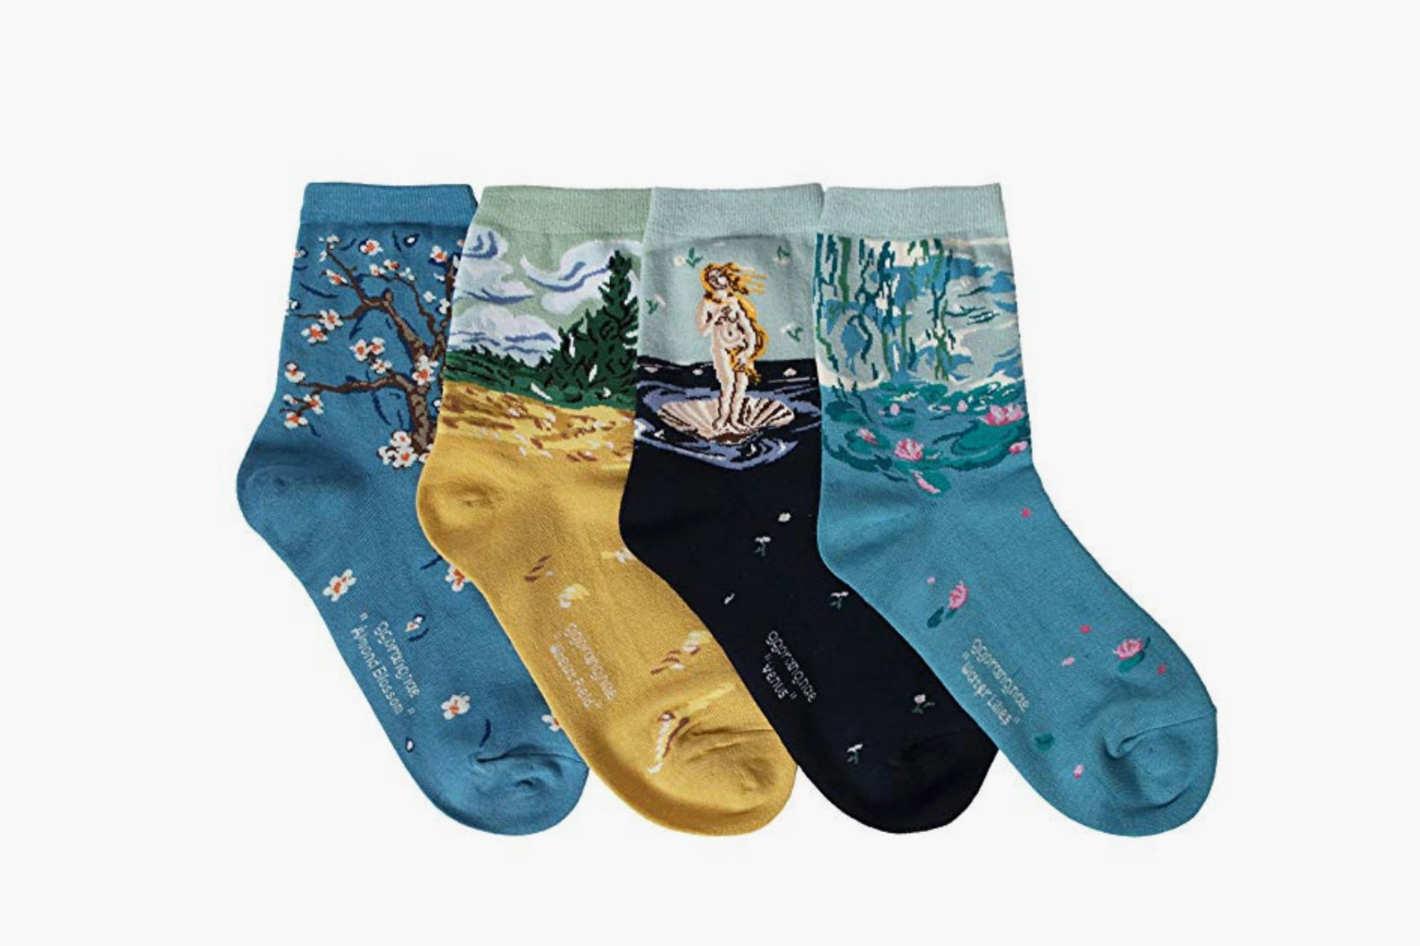 OSABASA Womens Art Patterned Casual Crew Socks